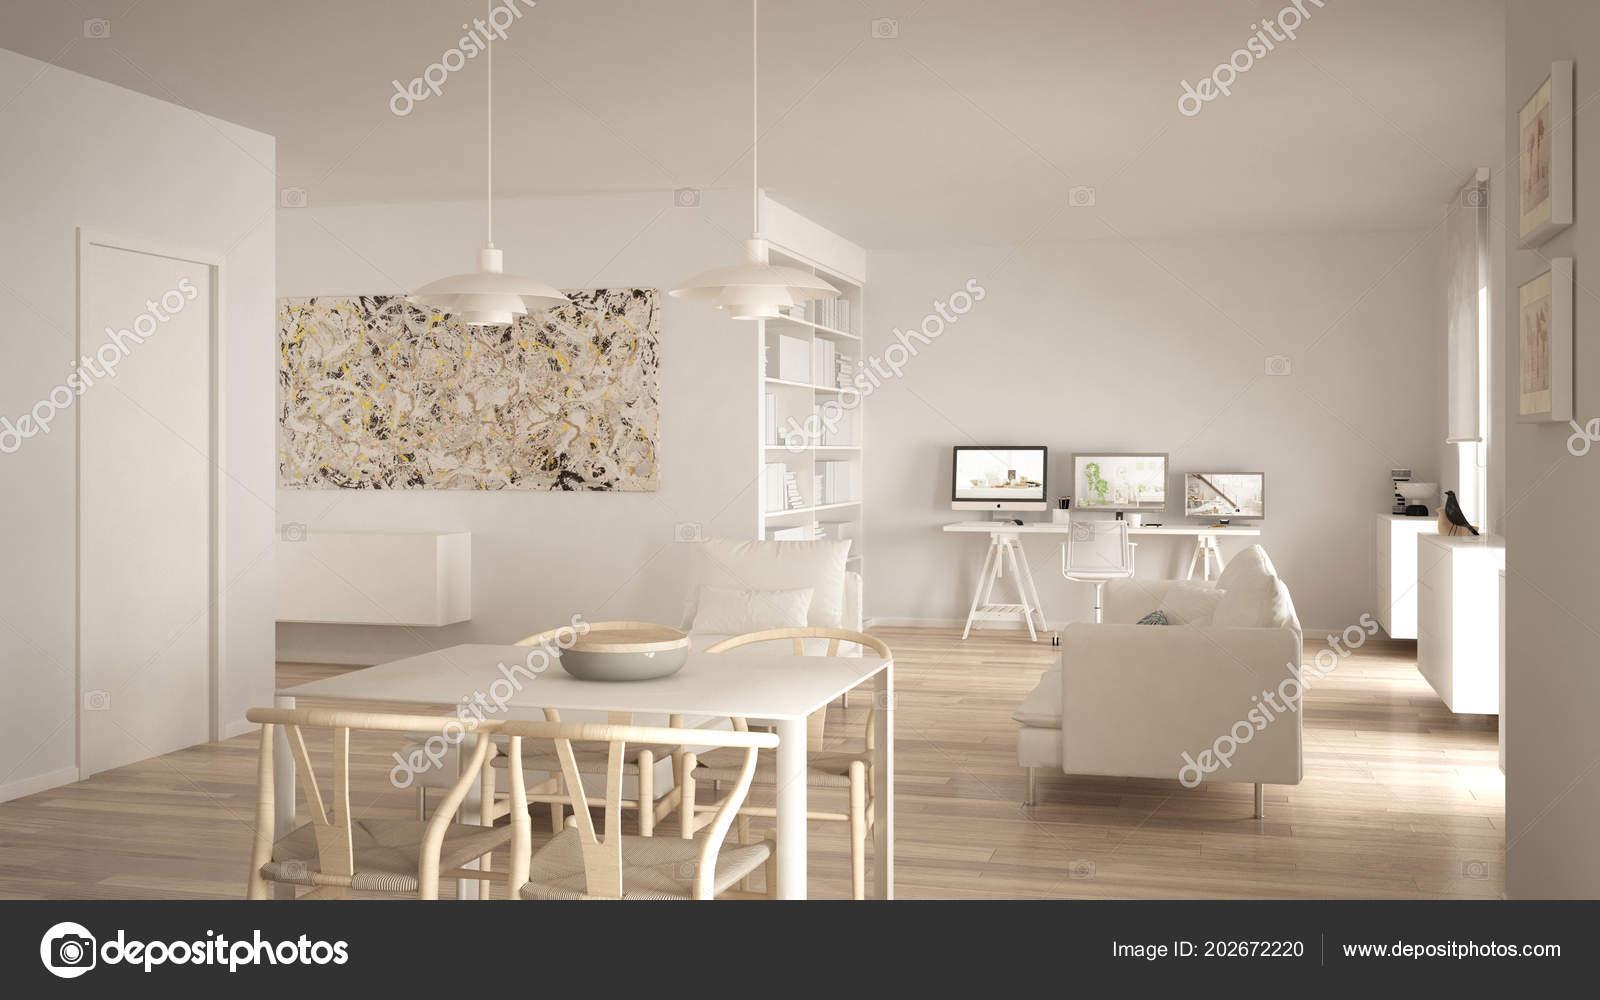 Nordico minimalista soggiorno open space con tavolo pranzo for Soggiorno minimalista